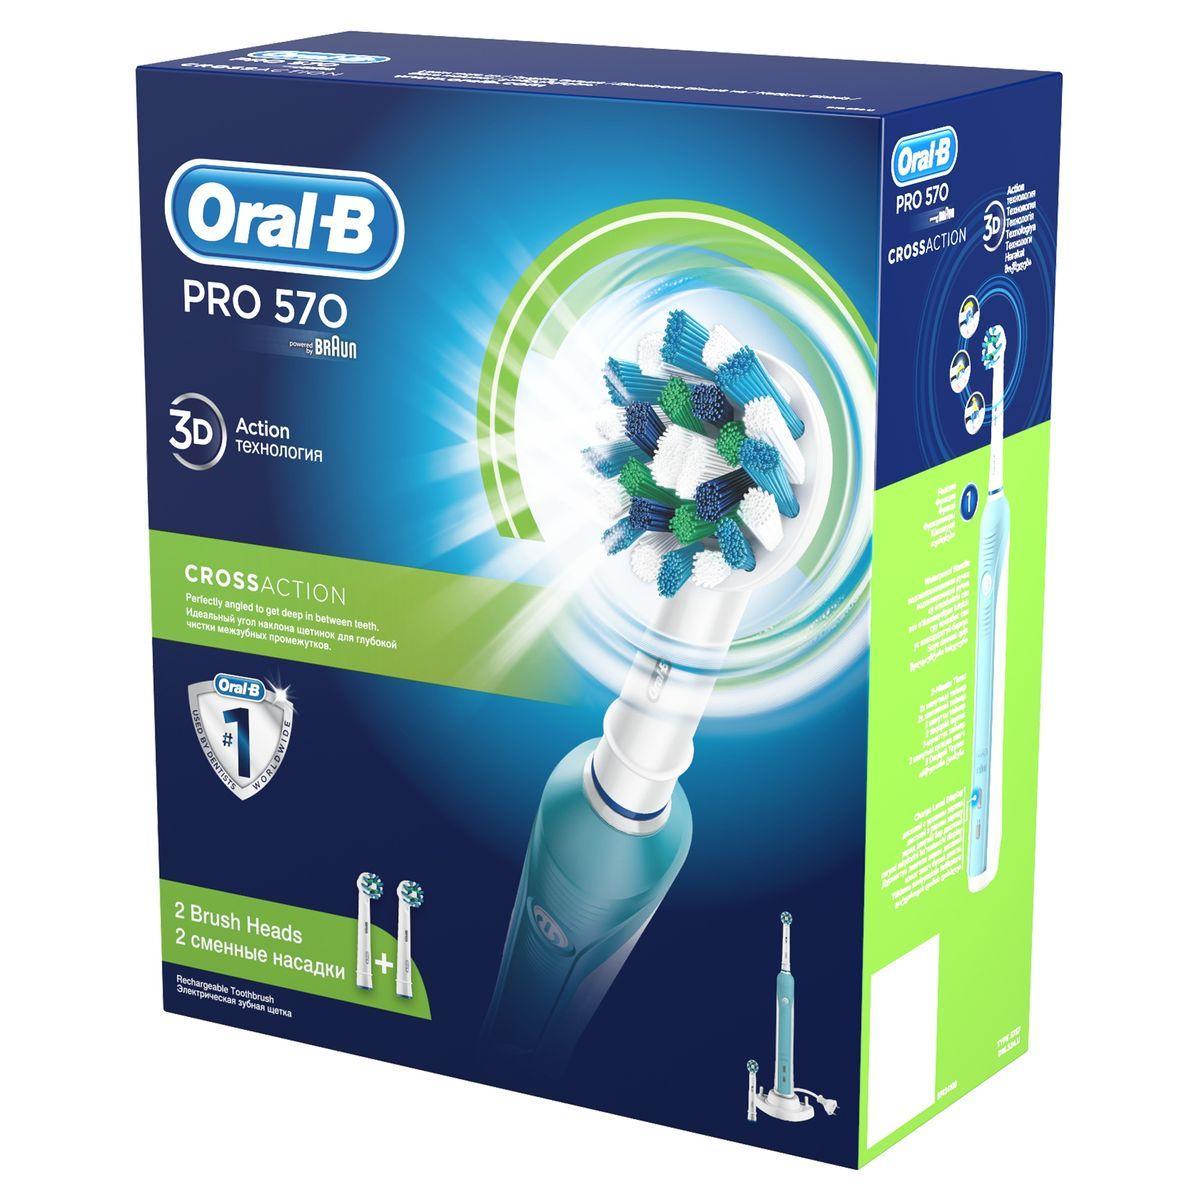 Oral-B Pro 570 D16.524U CrossAction Электрическая зубная щеткаCRS-81564106